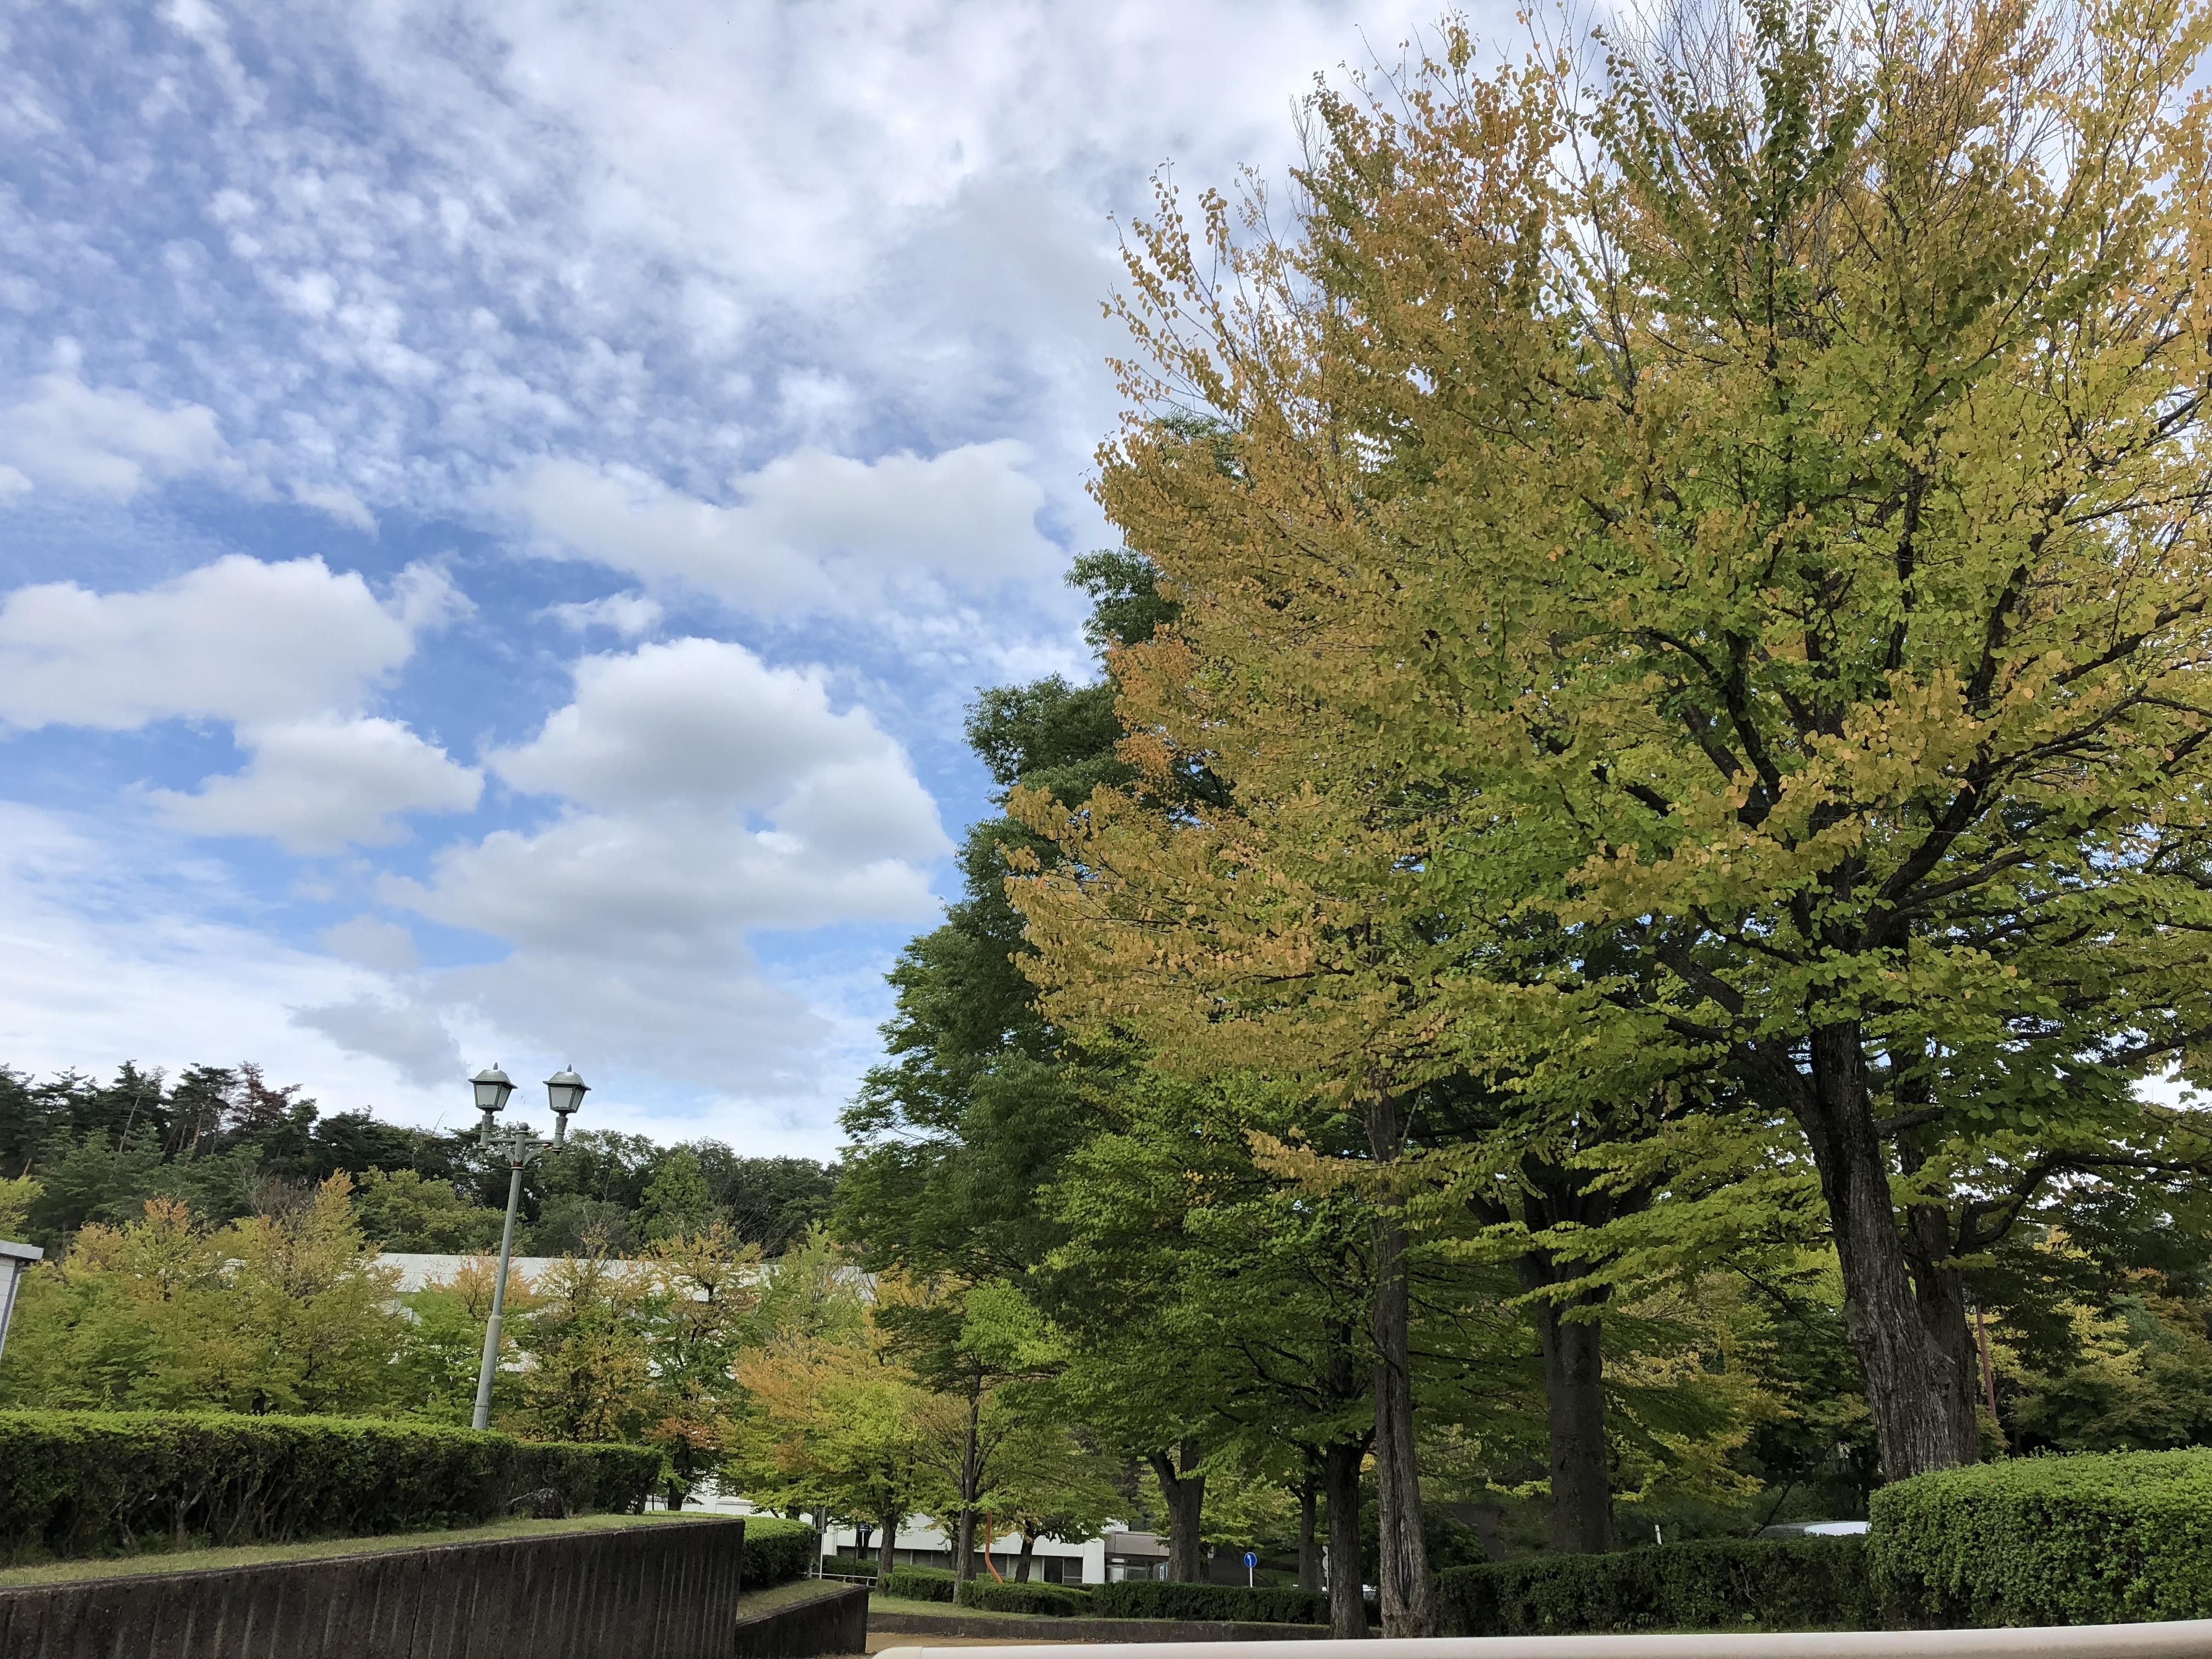 キンモクセイが知らせてくれる秋の訪れ と さつまいもアイス